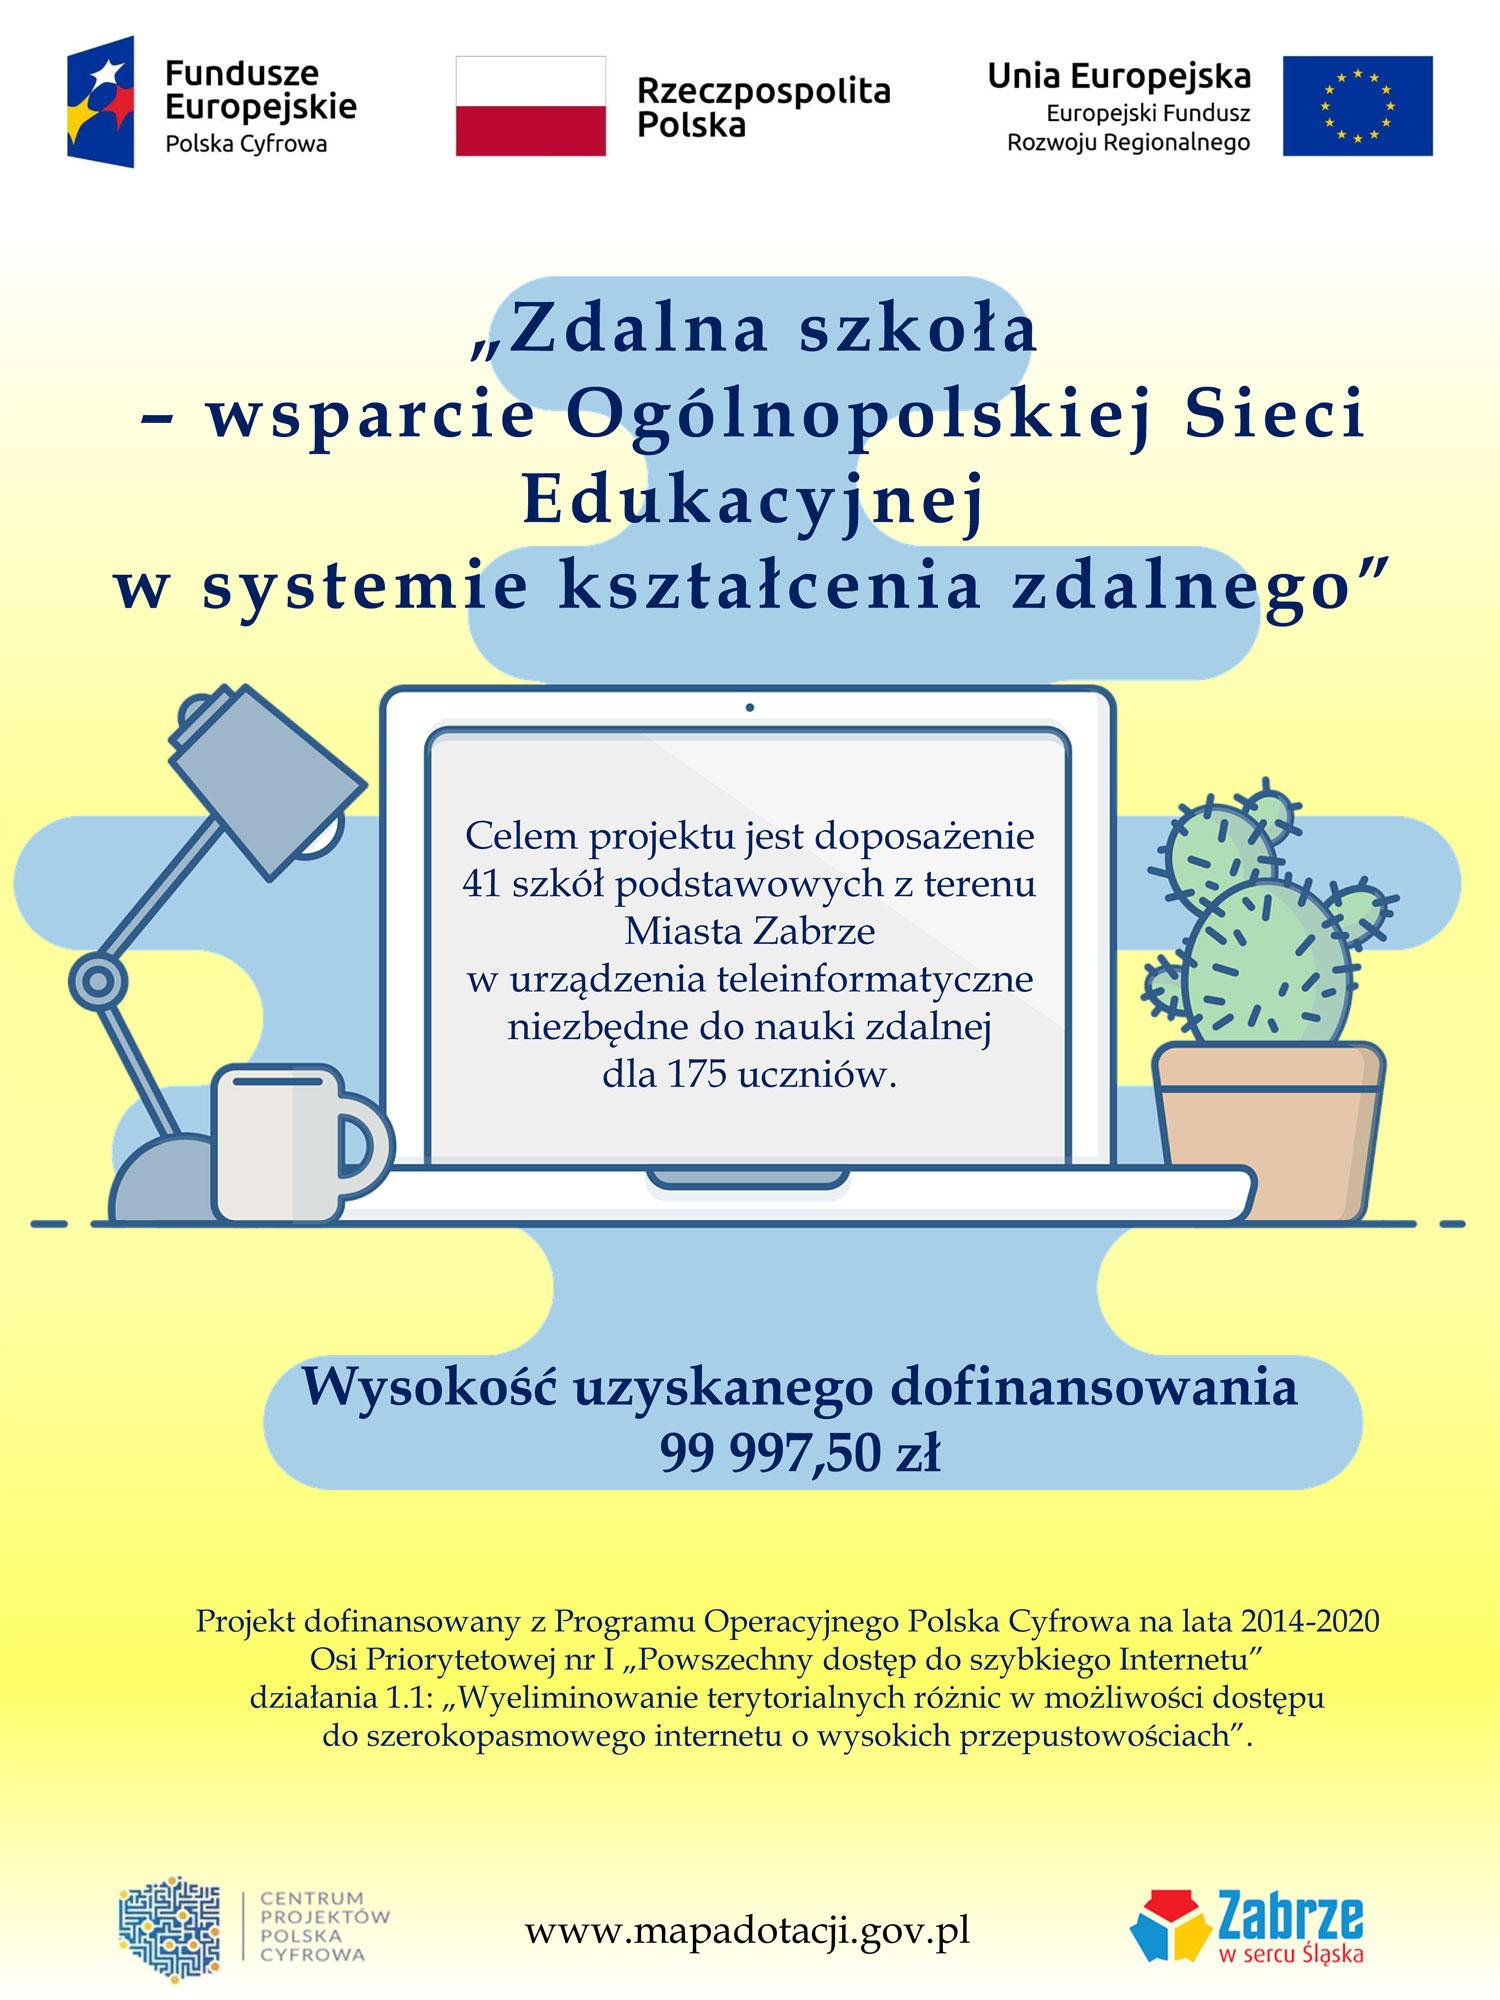 Zdalna szkoła - wsparcie Ogólnopolskiej Sieci Edukacyjnej wsystemie kształcenia zdalnego